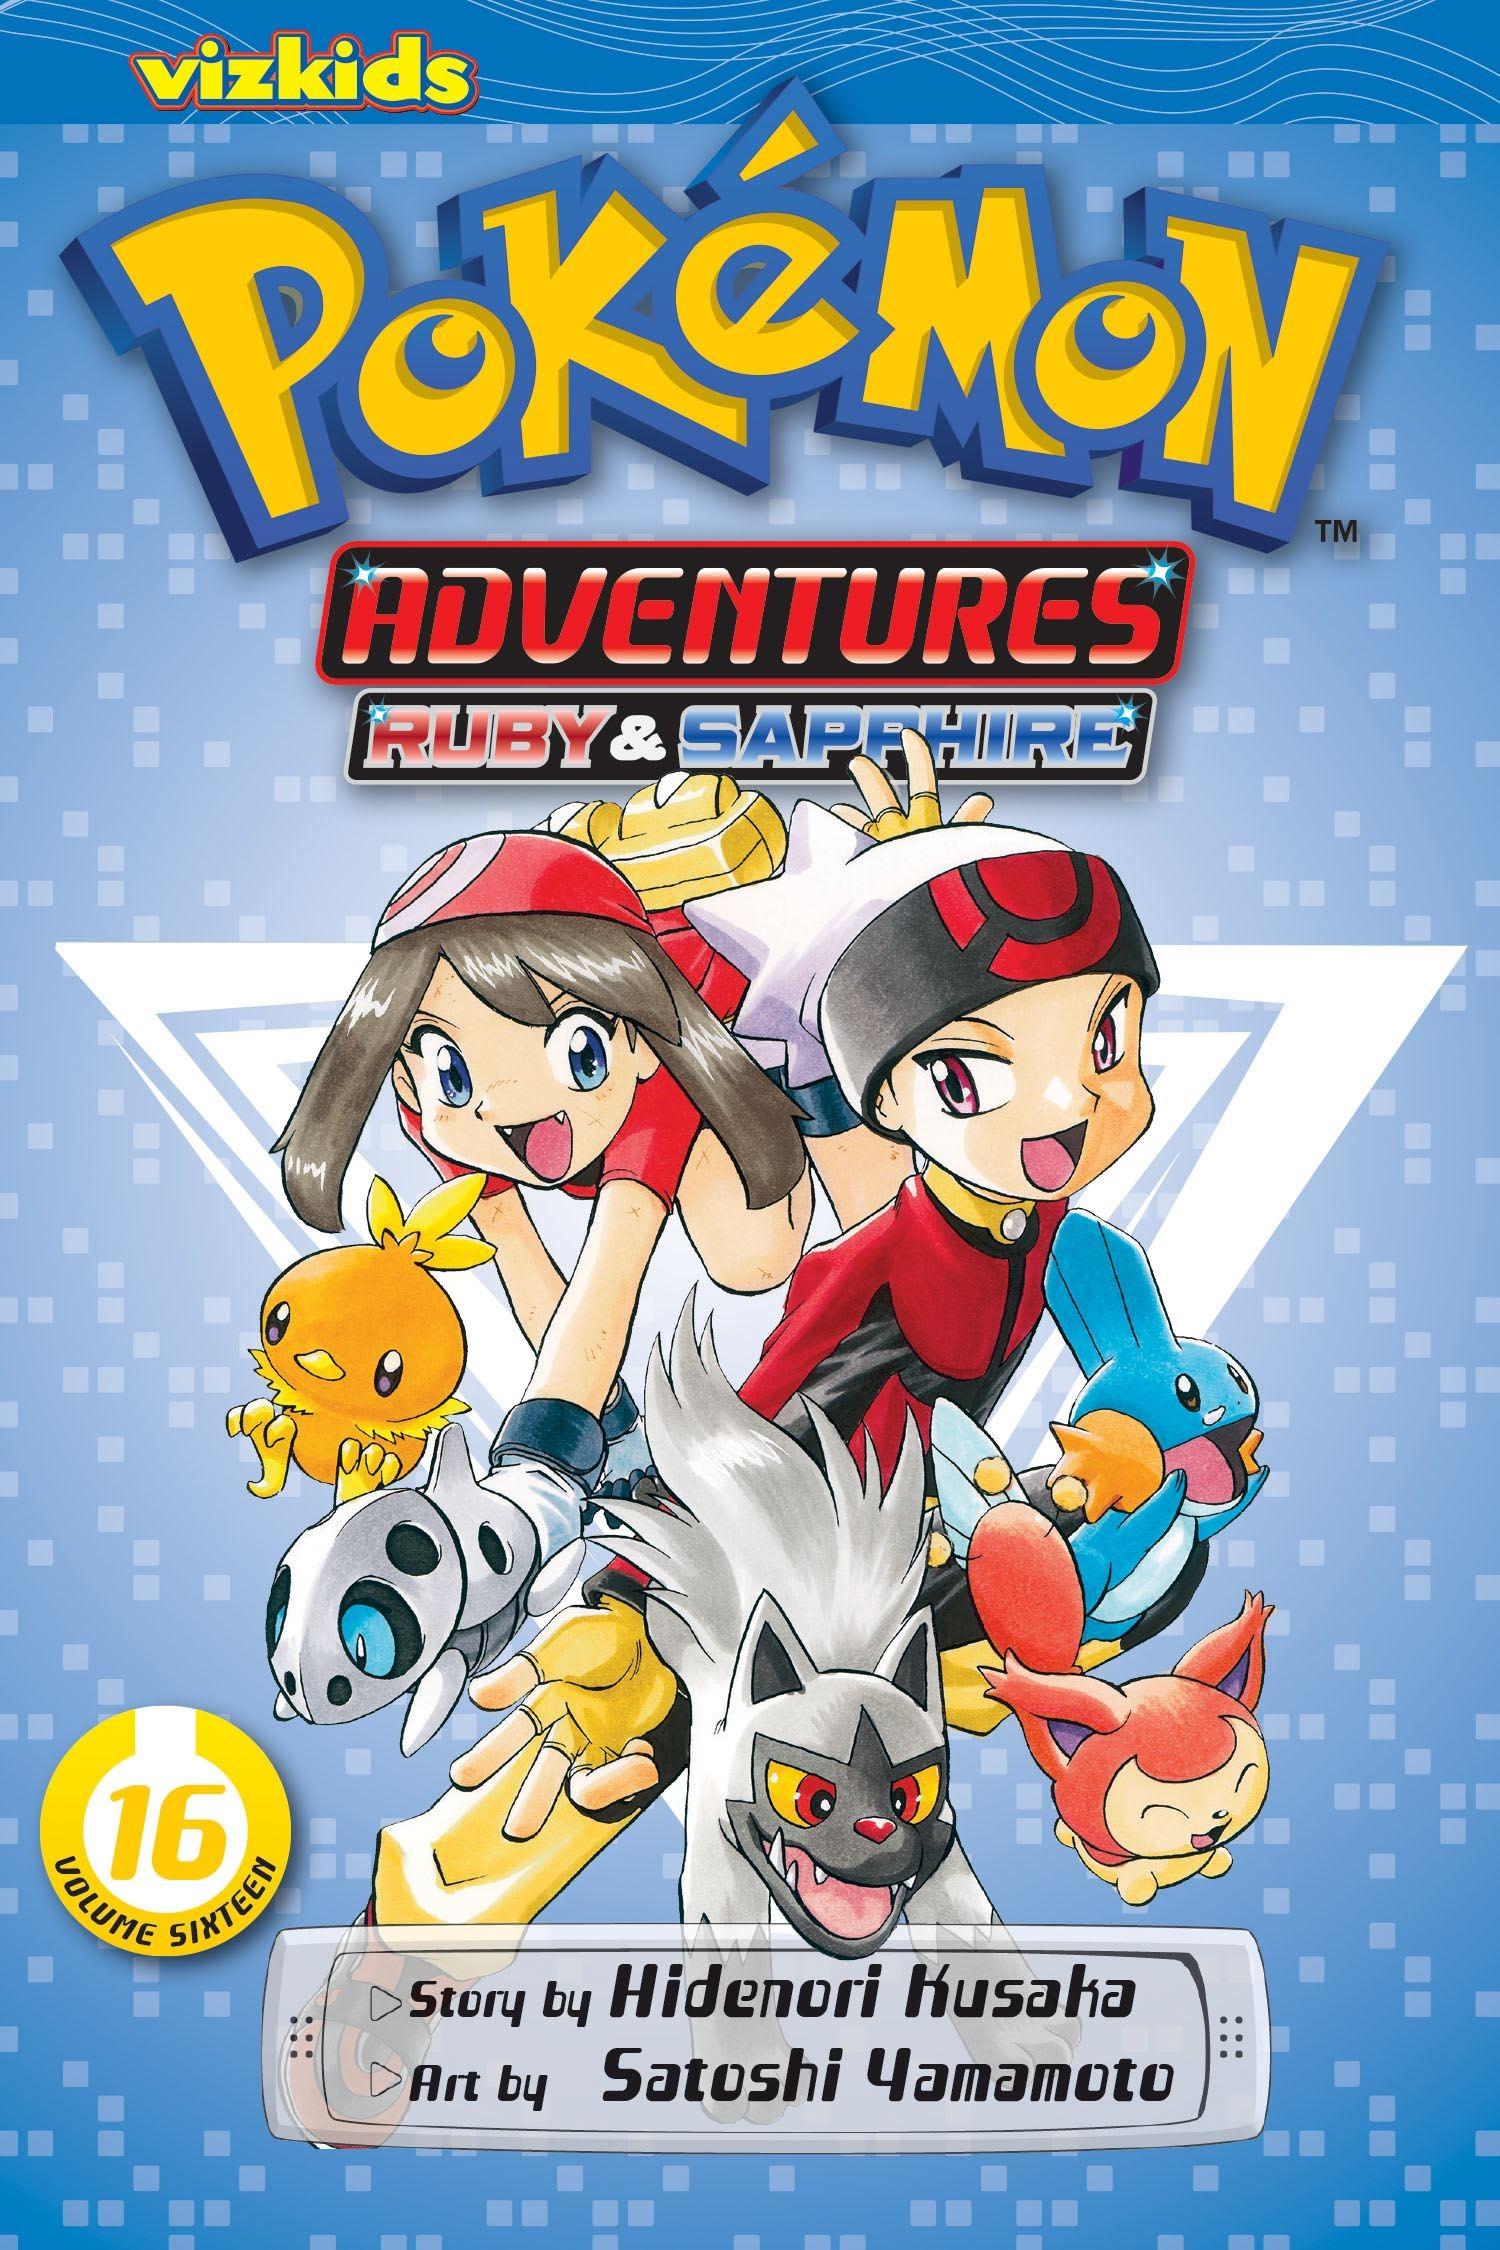 Pokémon Adventures, Vol. 16 by Hidenori Kusaka